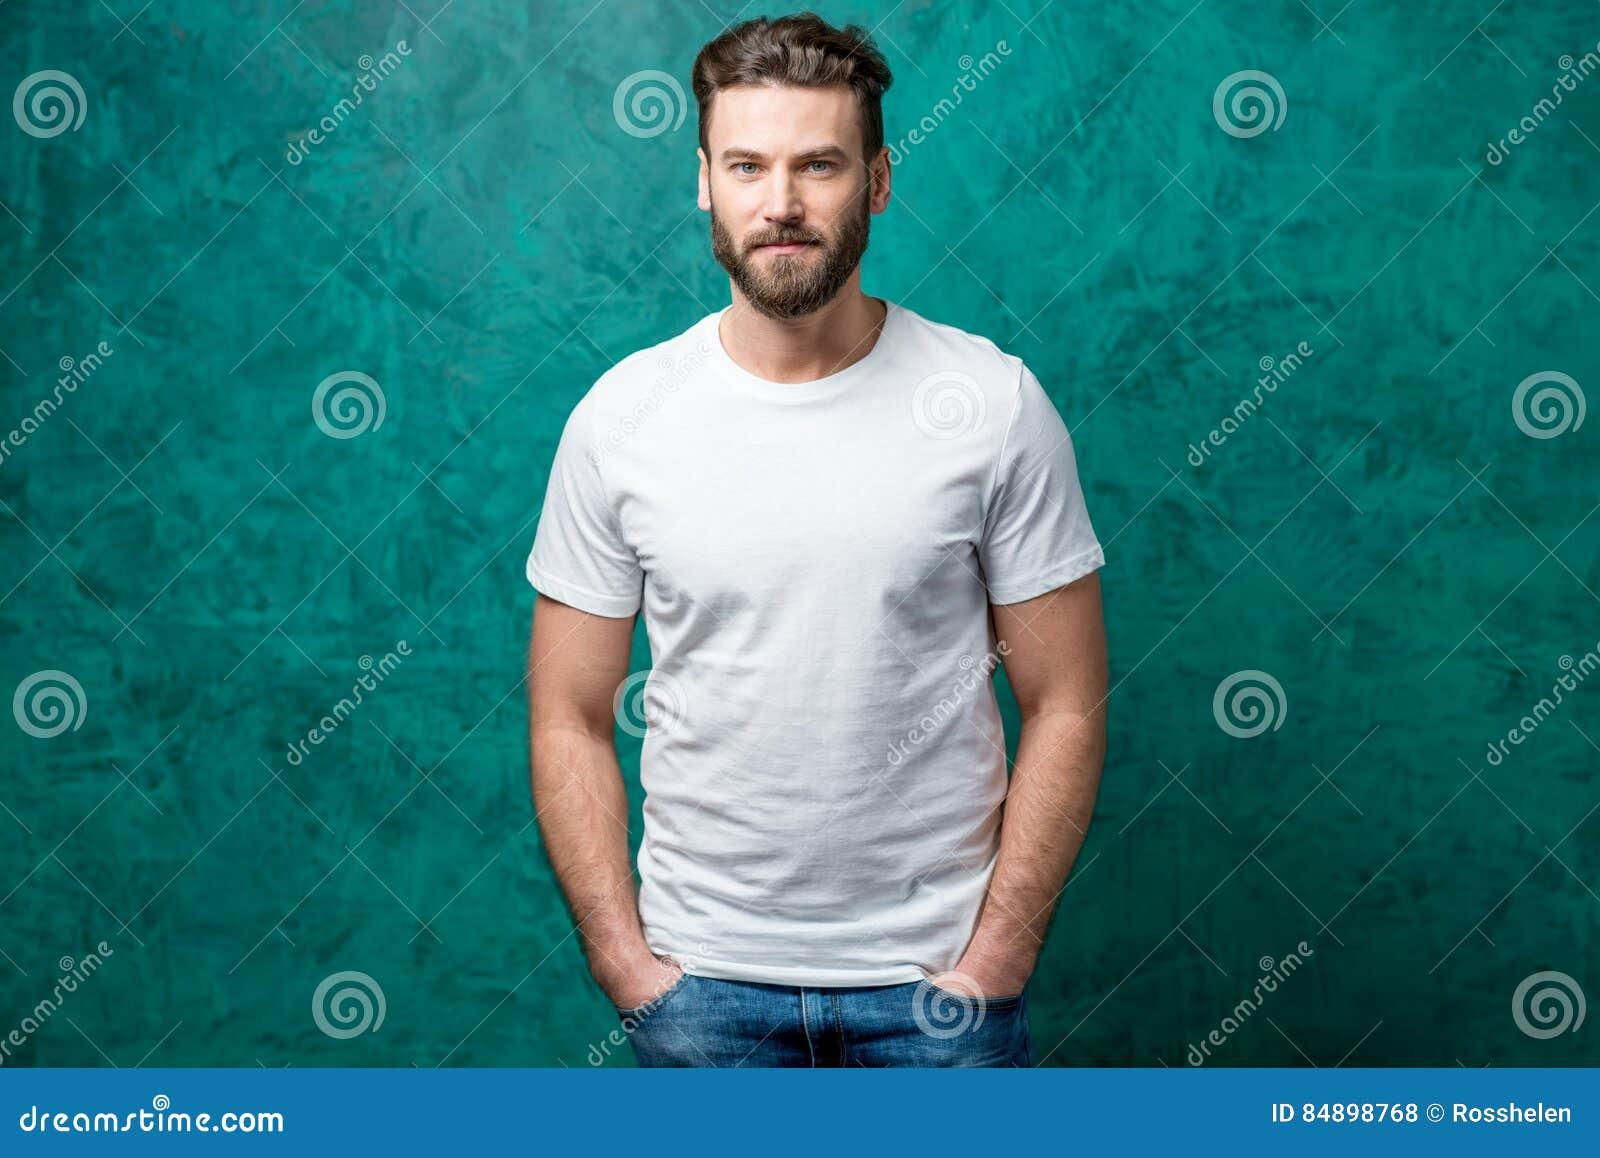 Człowiek koszulę t white